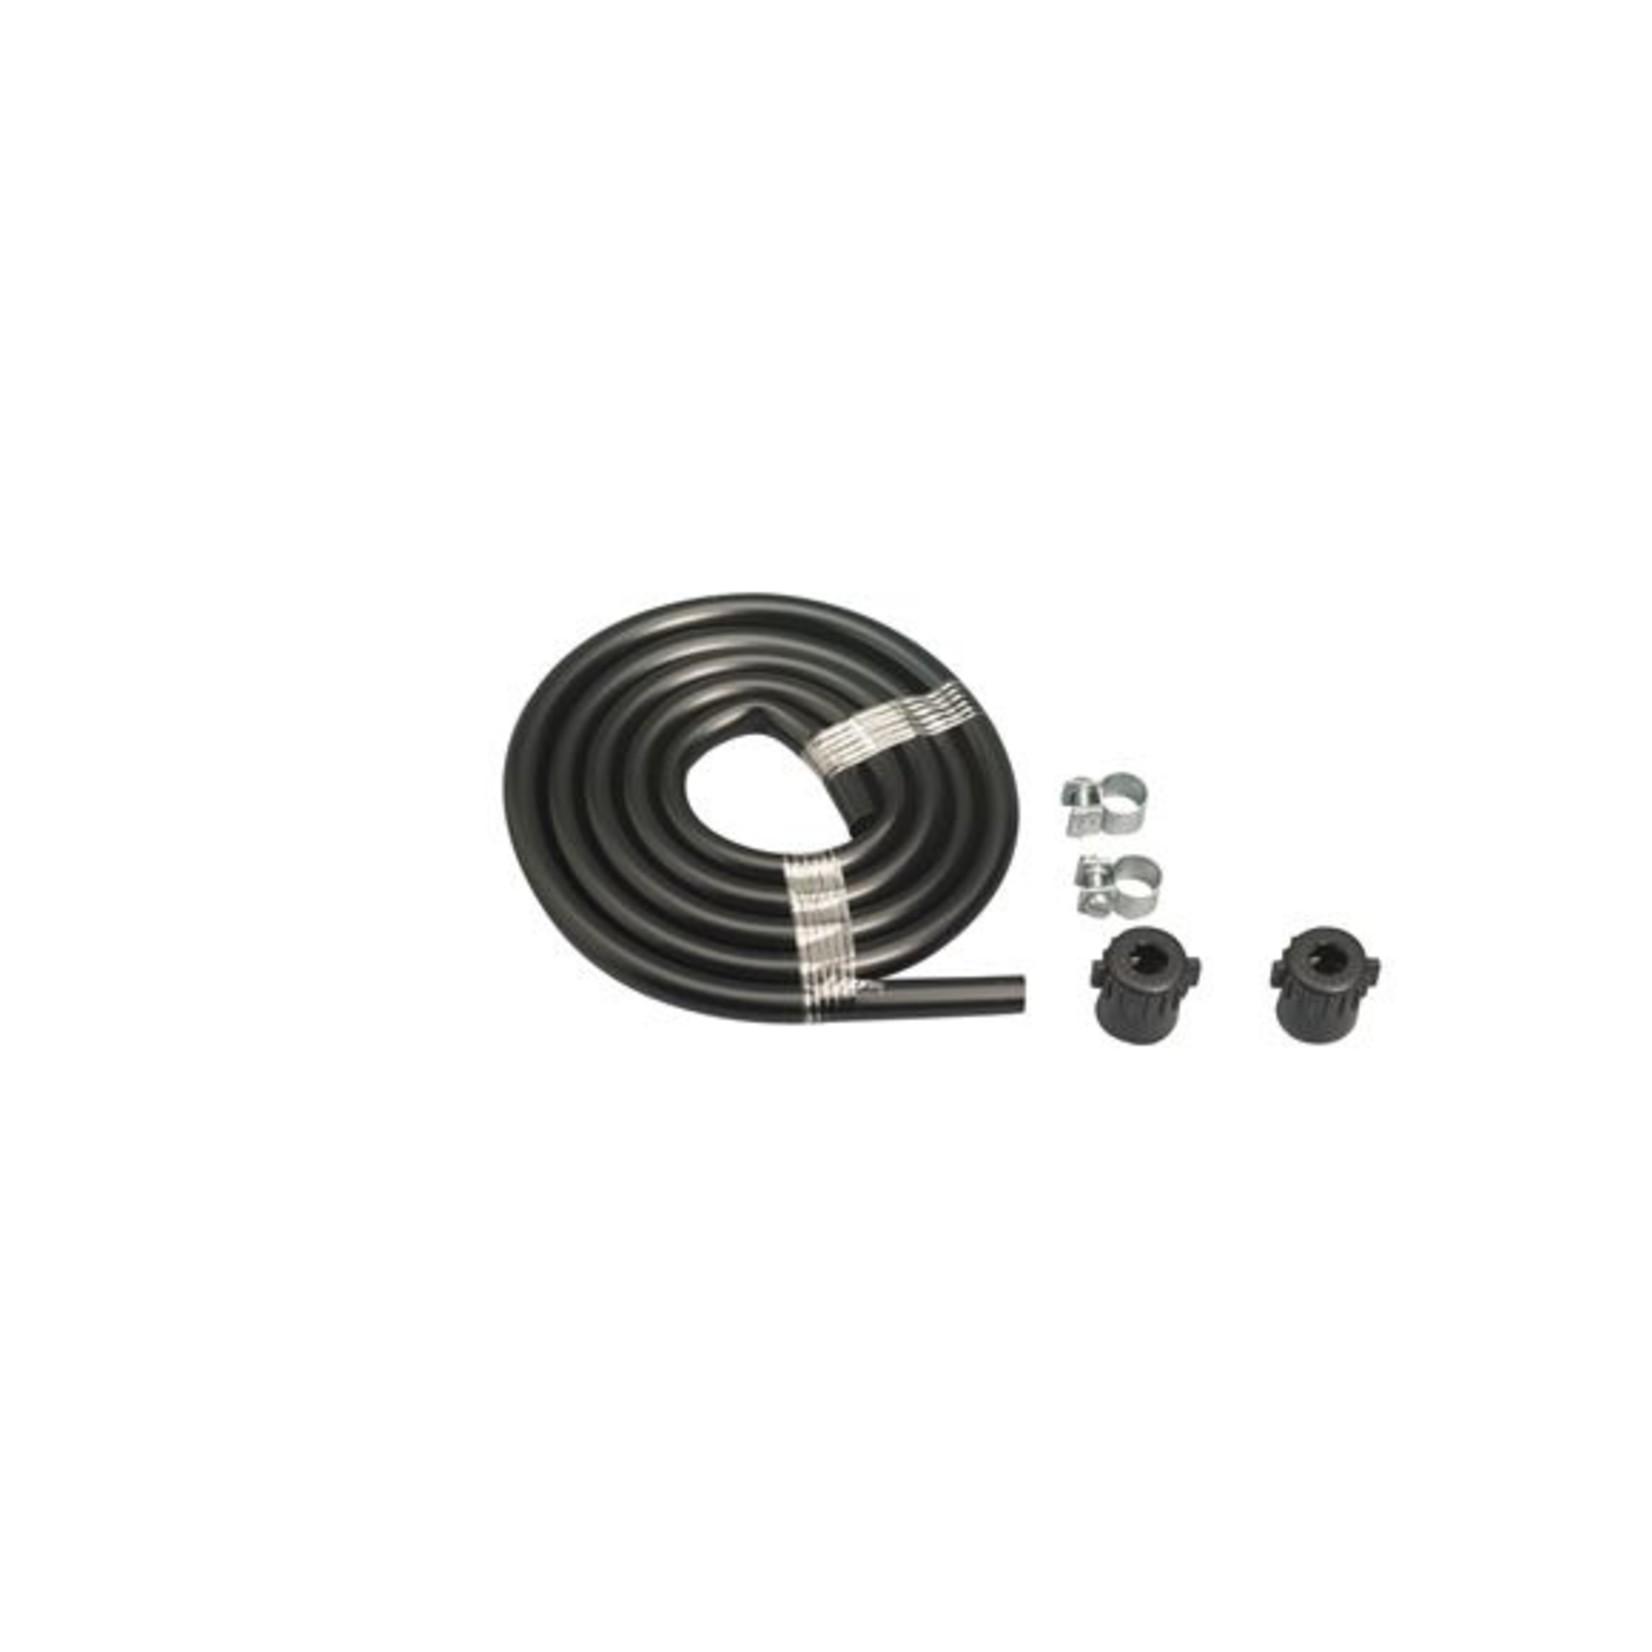 Gloria onderdelen slang 1.25 meter voor Prima 5 modellen incl. schroefdoppen & klemmen